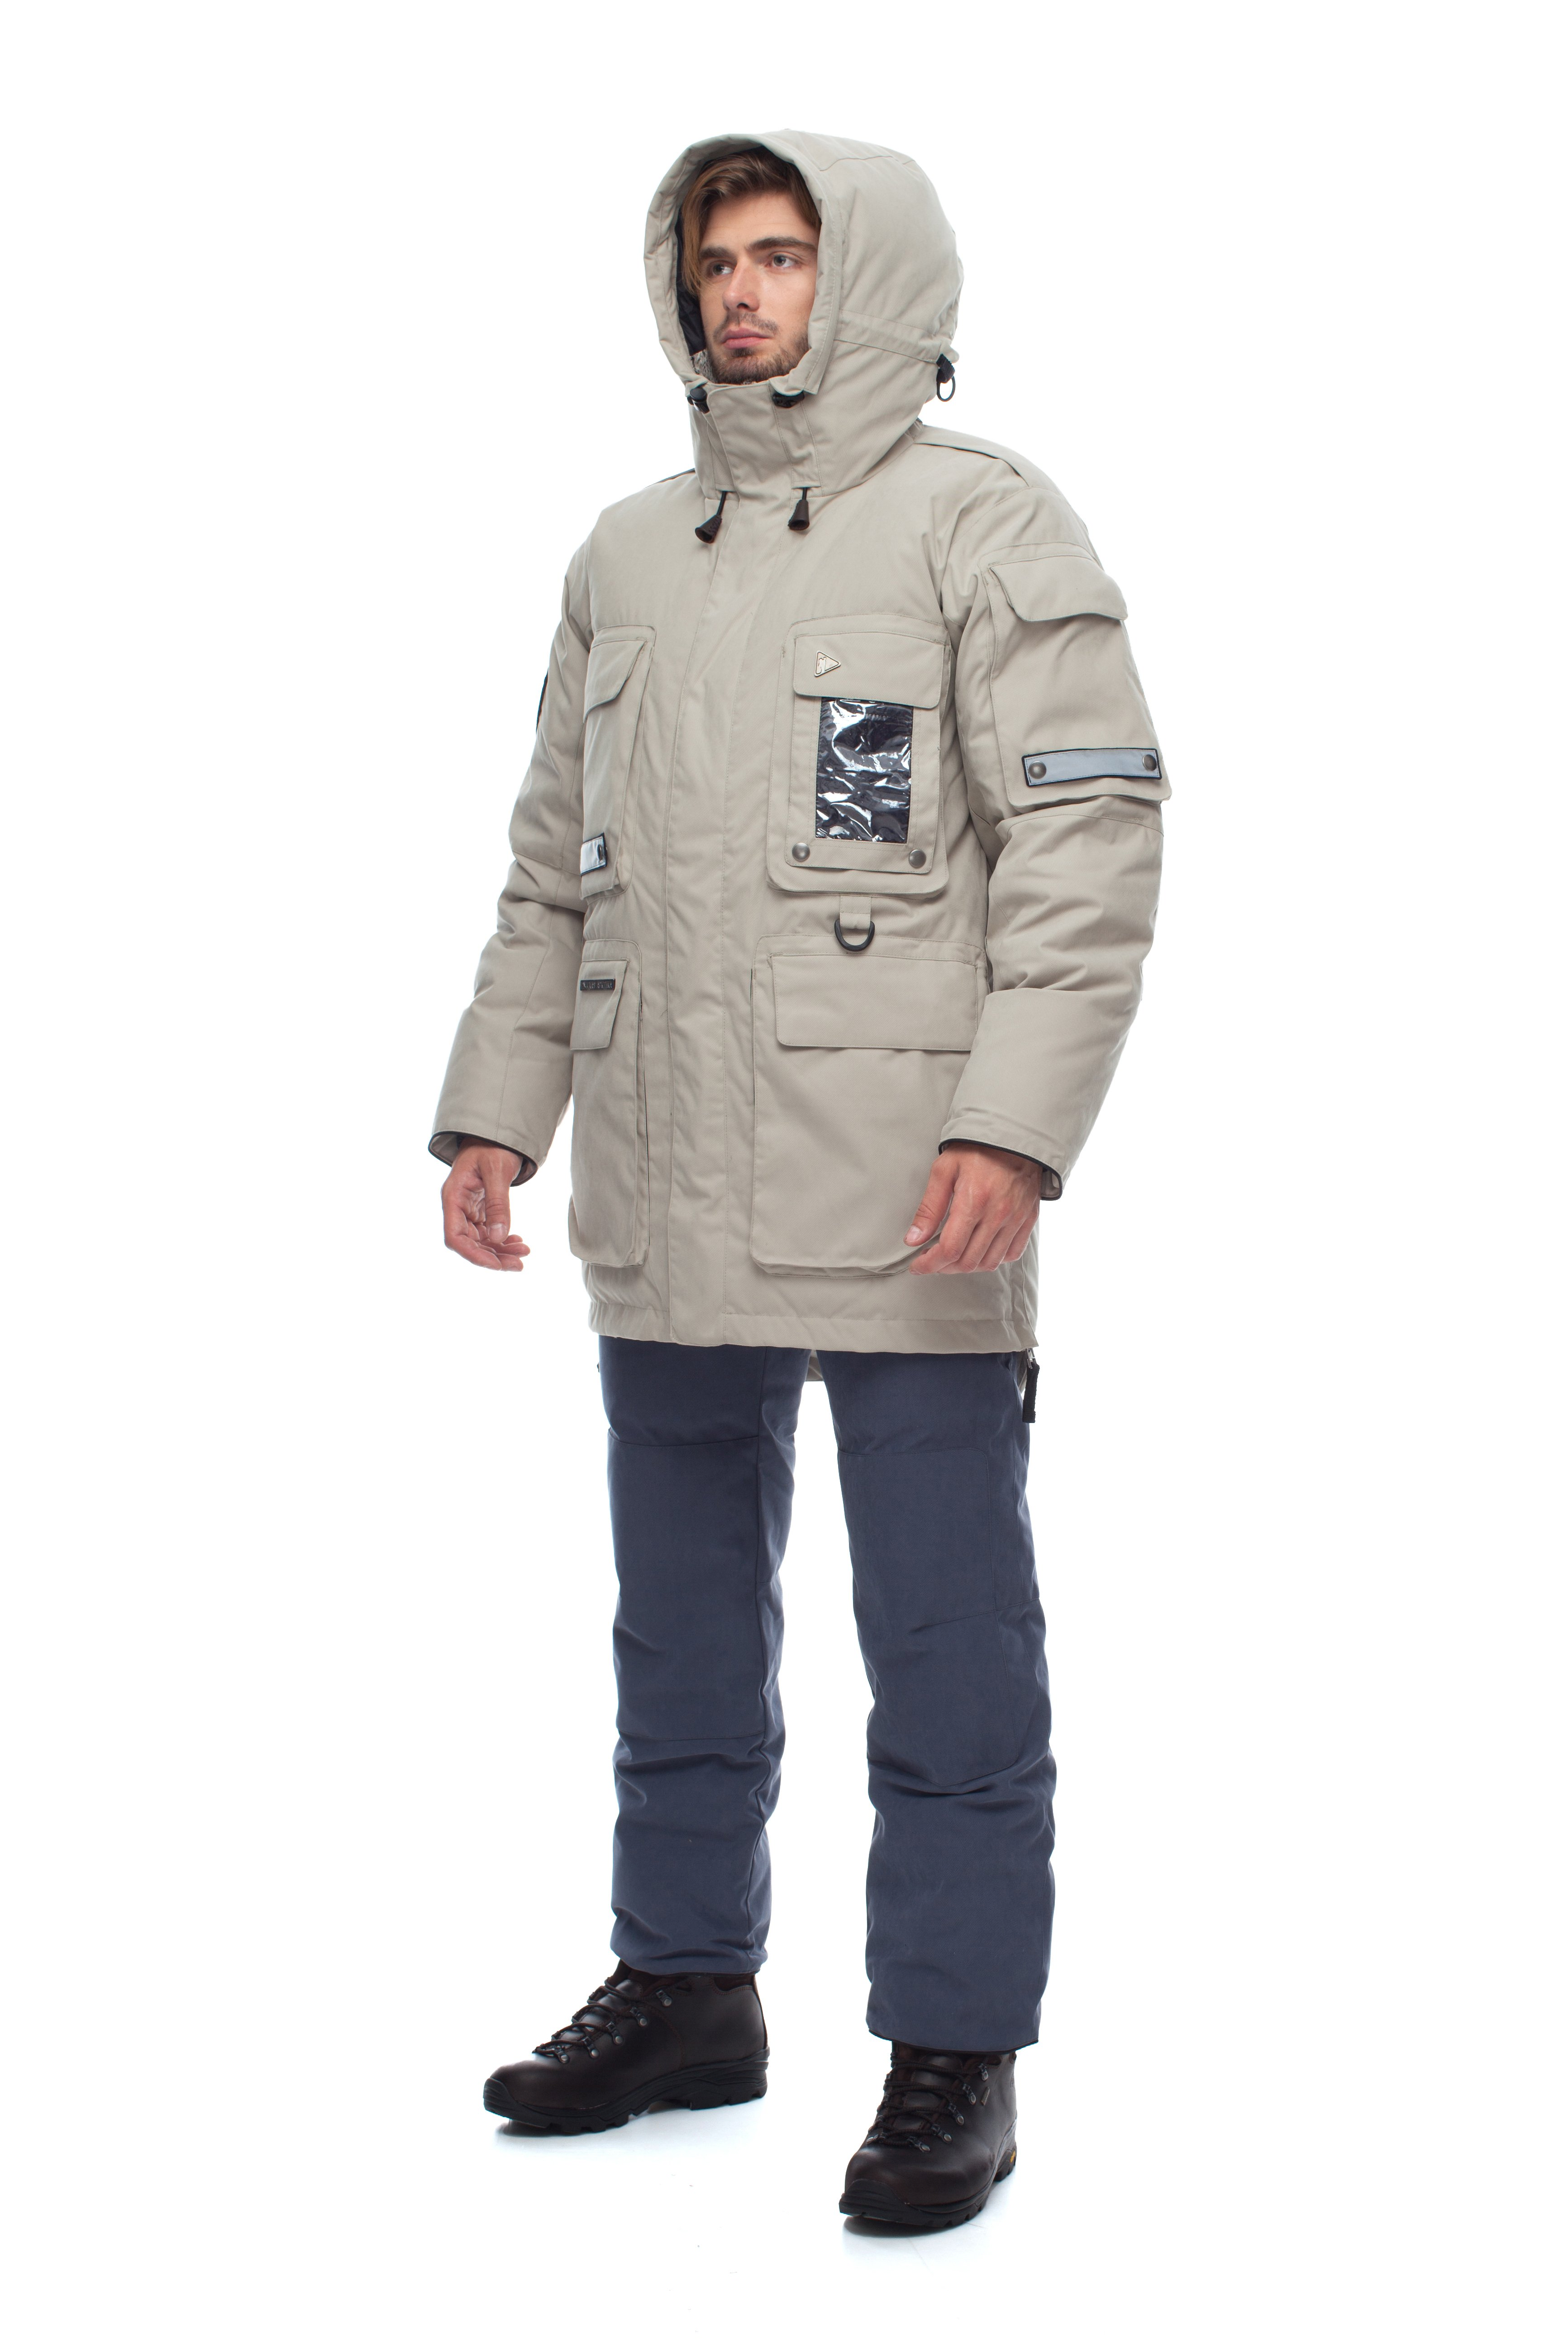 Пуховая куртка BASK YAMAL 3772Мужская пуховая куртка была разработана для промышленных и коммерческих работ в самых холодных районах планеты и для суровых зимних условий.<br><br>Верхняя ткань: Advance® Alaska<br>Вес граммы: 2725<br>Ветро-влагозащитные свойства верхней ткани: Да<br>Ветрозащитная планка: Да<br>Ветрозащитная юбка: Да<br>Влагозащитные молнии: Нет<br>Внутренние манжеты: Да<br>Внутренняя ткань: Advance® Classic<br>Водонепроницаемость: 5000<br>Дублирующий центральную молнию клапан: Да<br>Защитный козырёк капюшона: Нет<br>Капюшон: несъемный<br>Карман для средств связи: Да<br>Количество внешних карманов: 7<br>Количество внутренних карманов: 6<br>Мембрана: да<br>Объемный крой локтевой зоны: Да<br>Отстёгивающиеся рукава: Нет<br>Паропроницаемость: 5000<br>Показатель Fill Power (для пуховых изделий): 650<br>Пол: Муж.<br>Проклейка швов: Нет<br>Регулировка манжетов рукавов: Нет<br>Регулировка низа: Нет<br>Регулировка объёма капюшона: Да<br>Регулировка талии: Да<br>Регулируемые вентиляционные отверстия: Нет<br>Световозвращающая лента: Да<br>Температурный режим: -40<br>Технология Thermal Welding: Нет<br>Технология швов: простые<br>Тип молнии: двухзамковая<br>Тип утеплителя: натуральный<br>Усиление контактных зон: Да<br>Утеплитель: гусиный пух<br>Размер RU: 48<br>Цвет: БЕЖЕВЫЙ